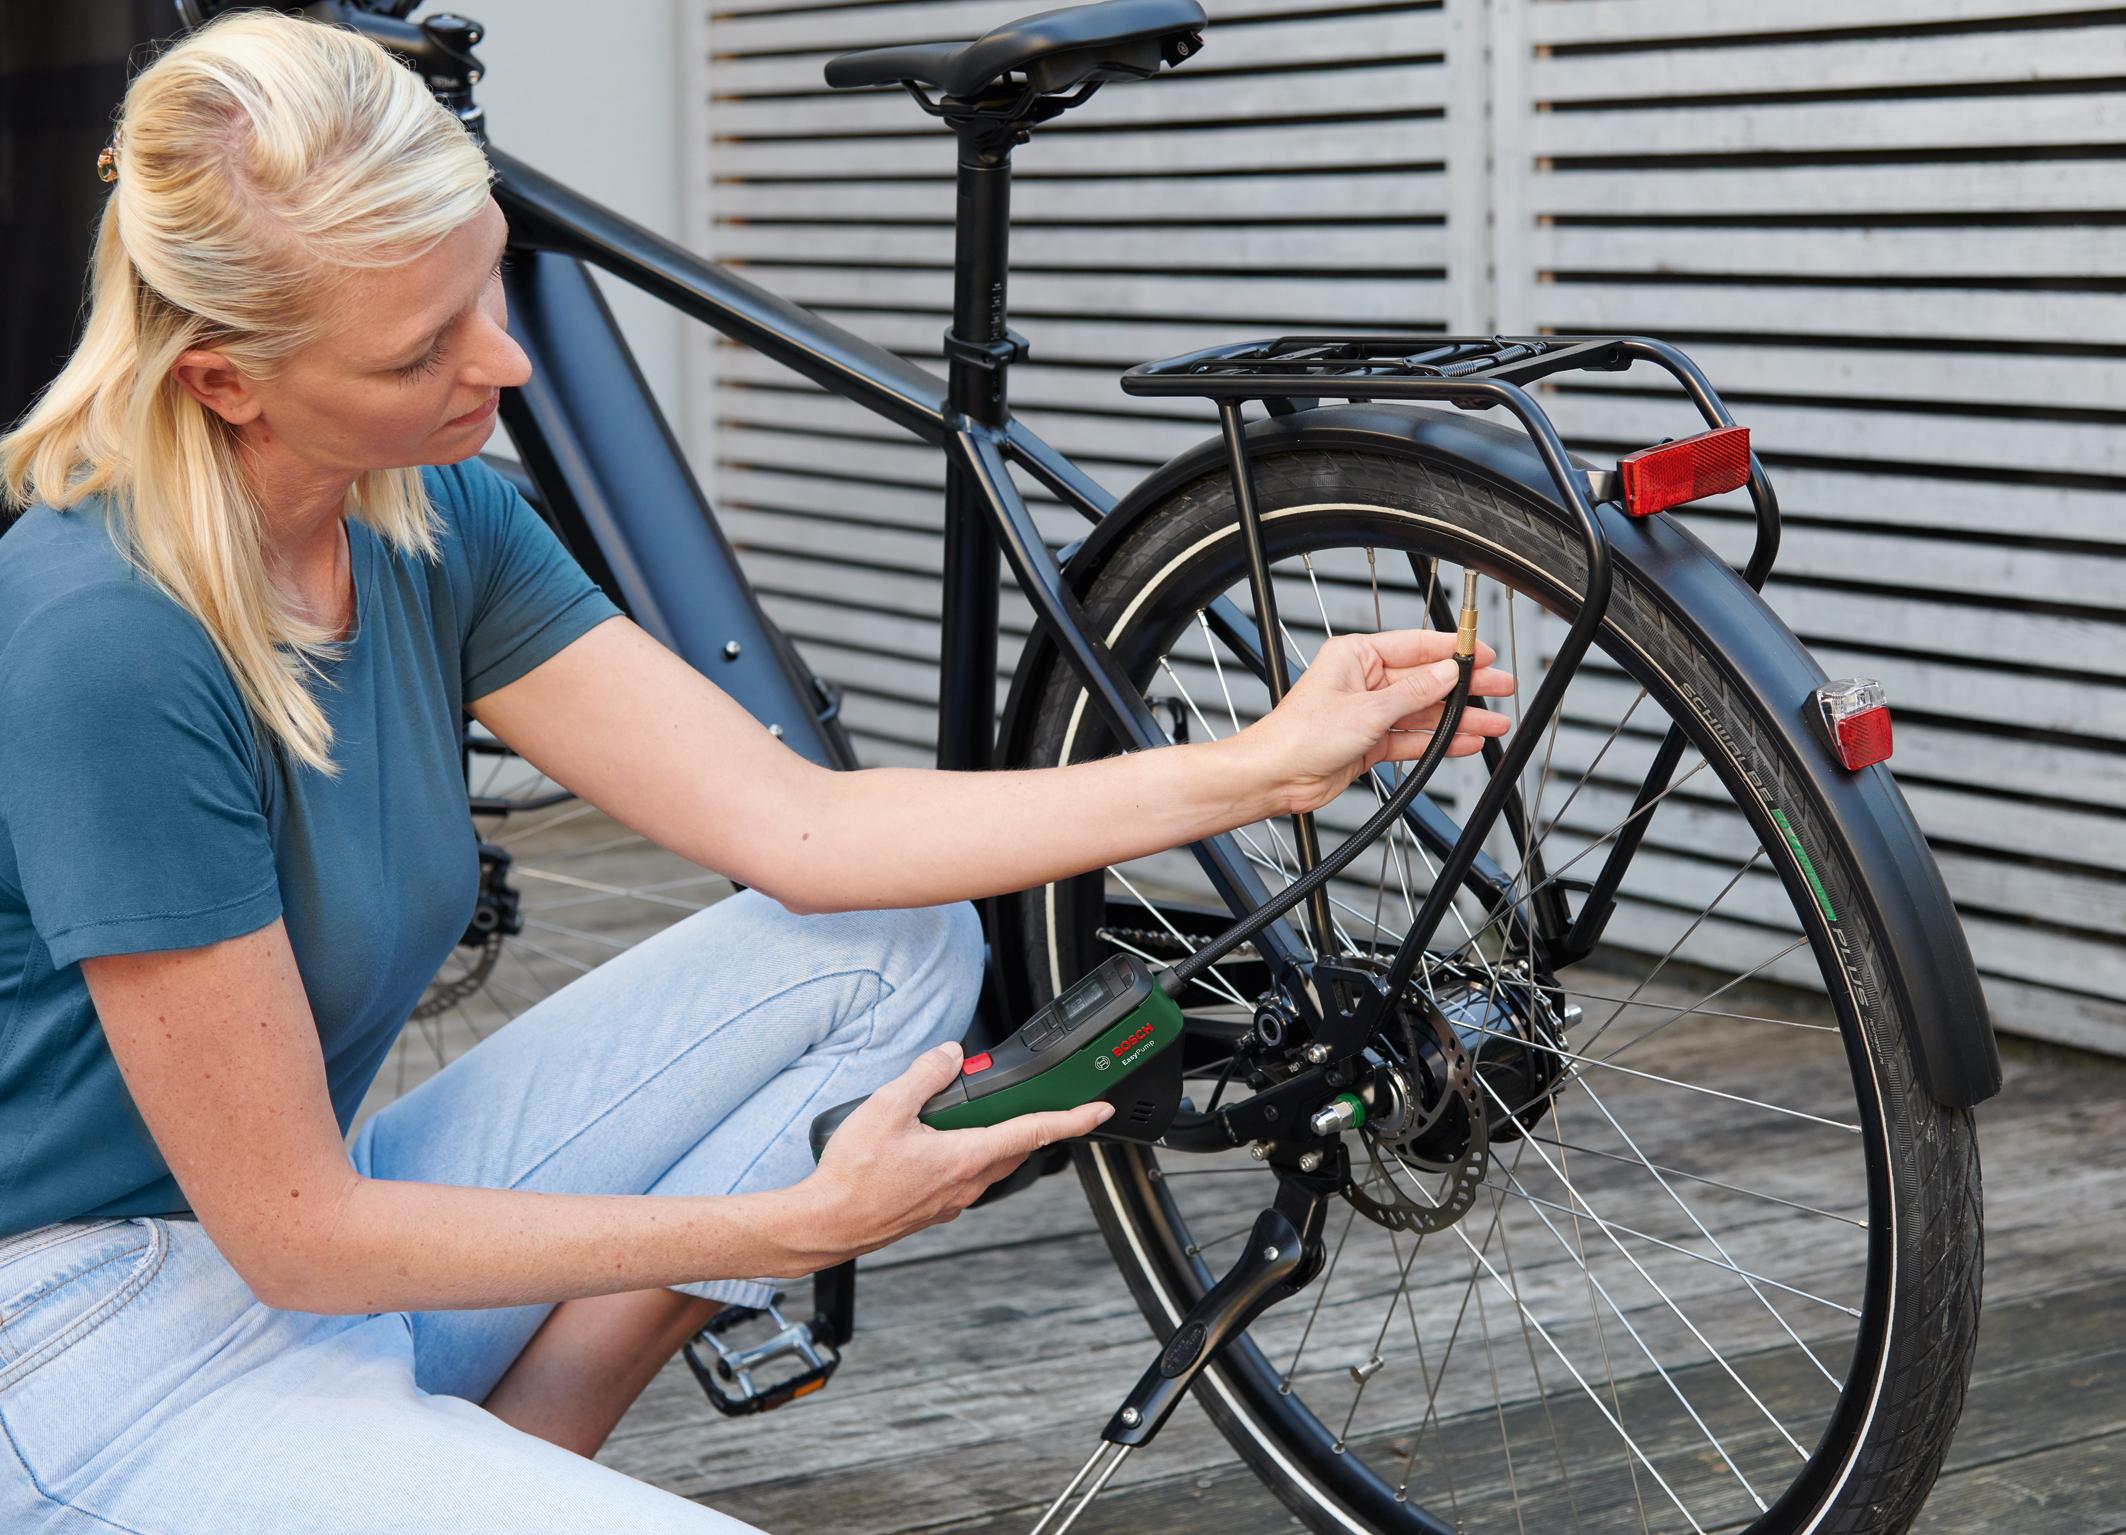 Akumulátorové pneumatické čerpadlo pre mobilitu, voľný čas a šport: Bosch EasyPump - kompaktný a univerzálny